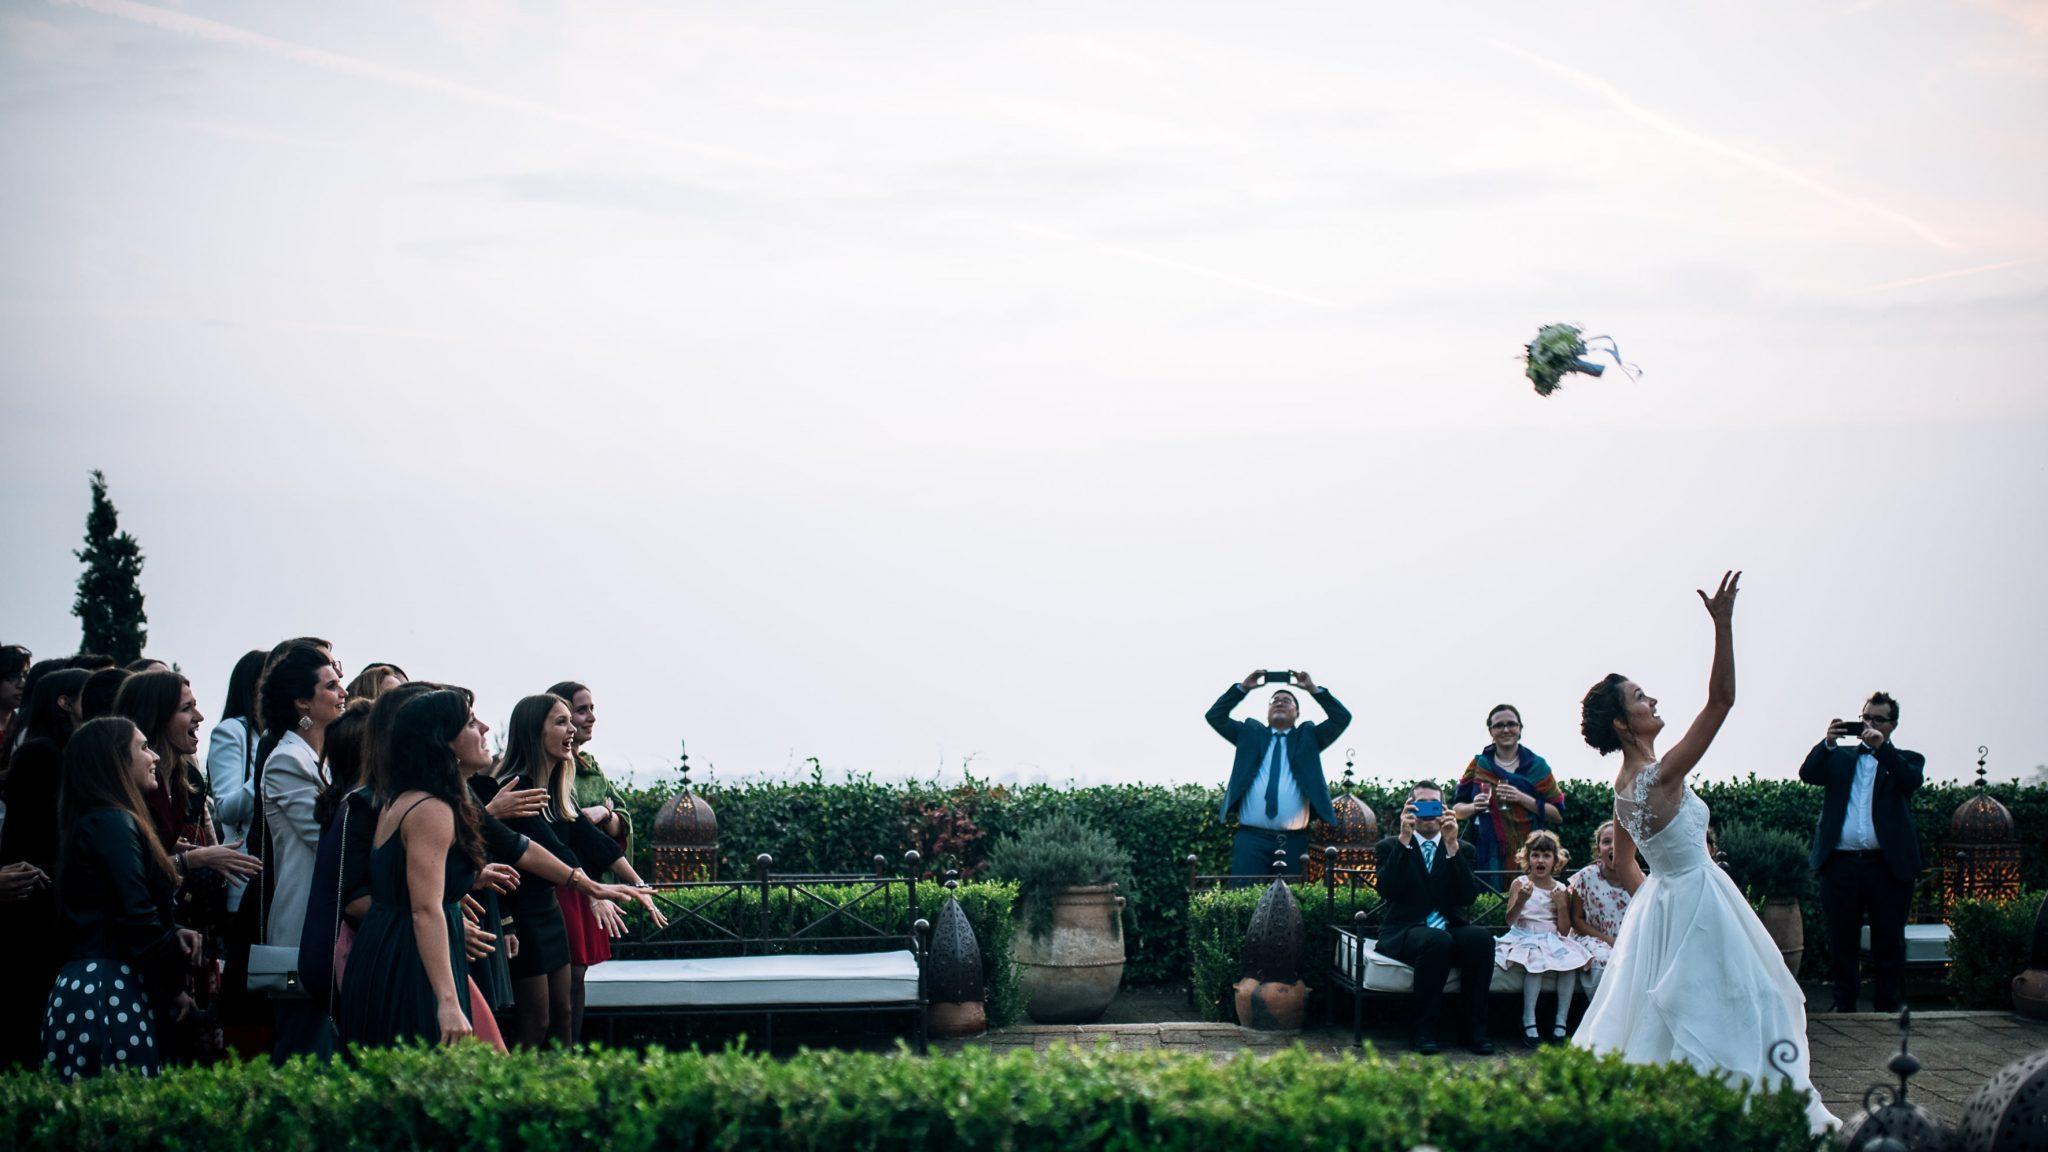 la sposa mentre lancia il bouquet con dietro le amiche